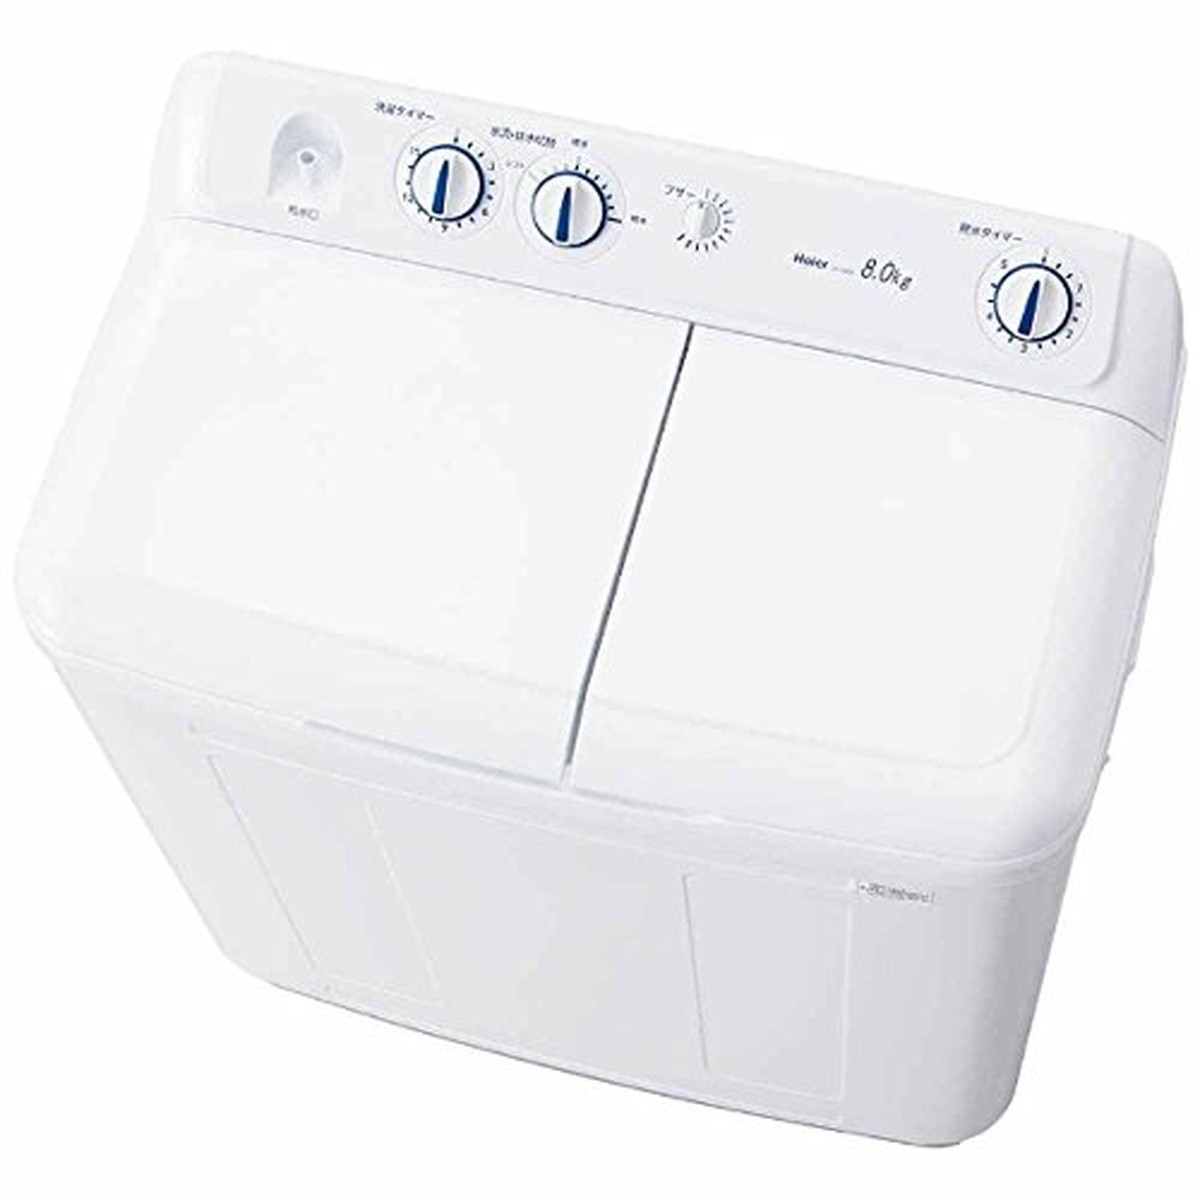 【エントリーでポイント9倍】ハイアール 8.0kg 2槽式洗濯機 ホワイトHaier JW-W80E-W【05/09 20:00~05/16 01:59】